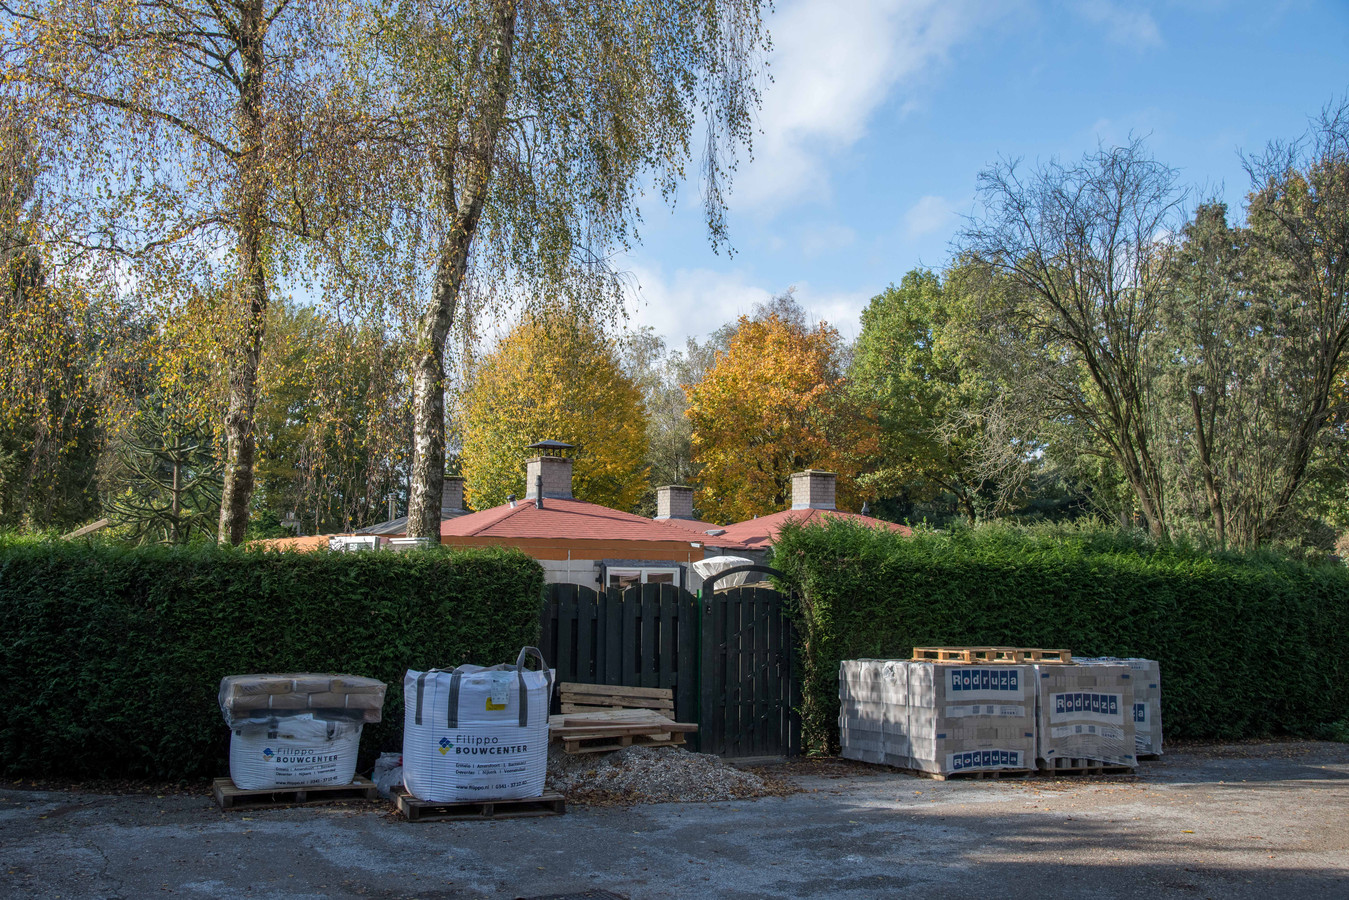 De bouwdrift op het vakantiepark is opvallend.